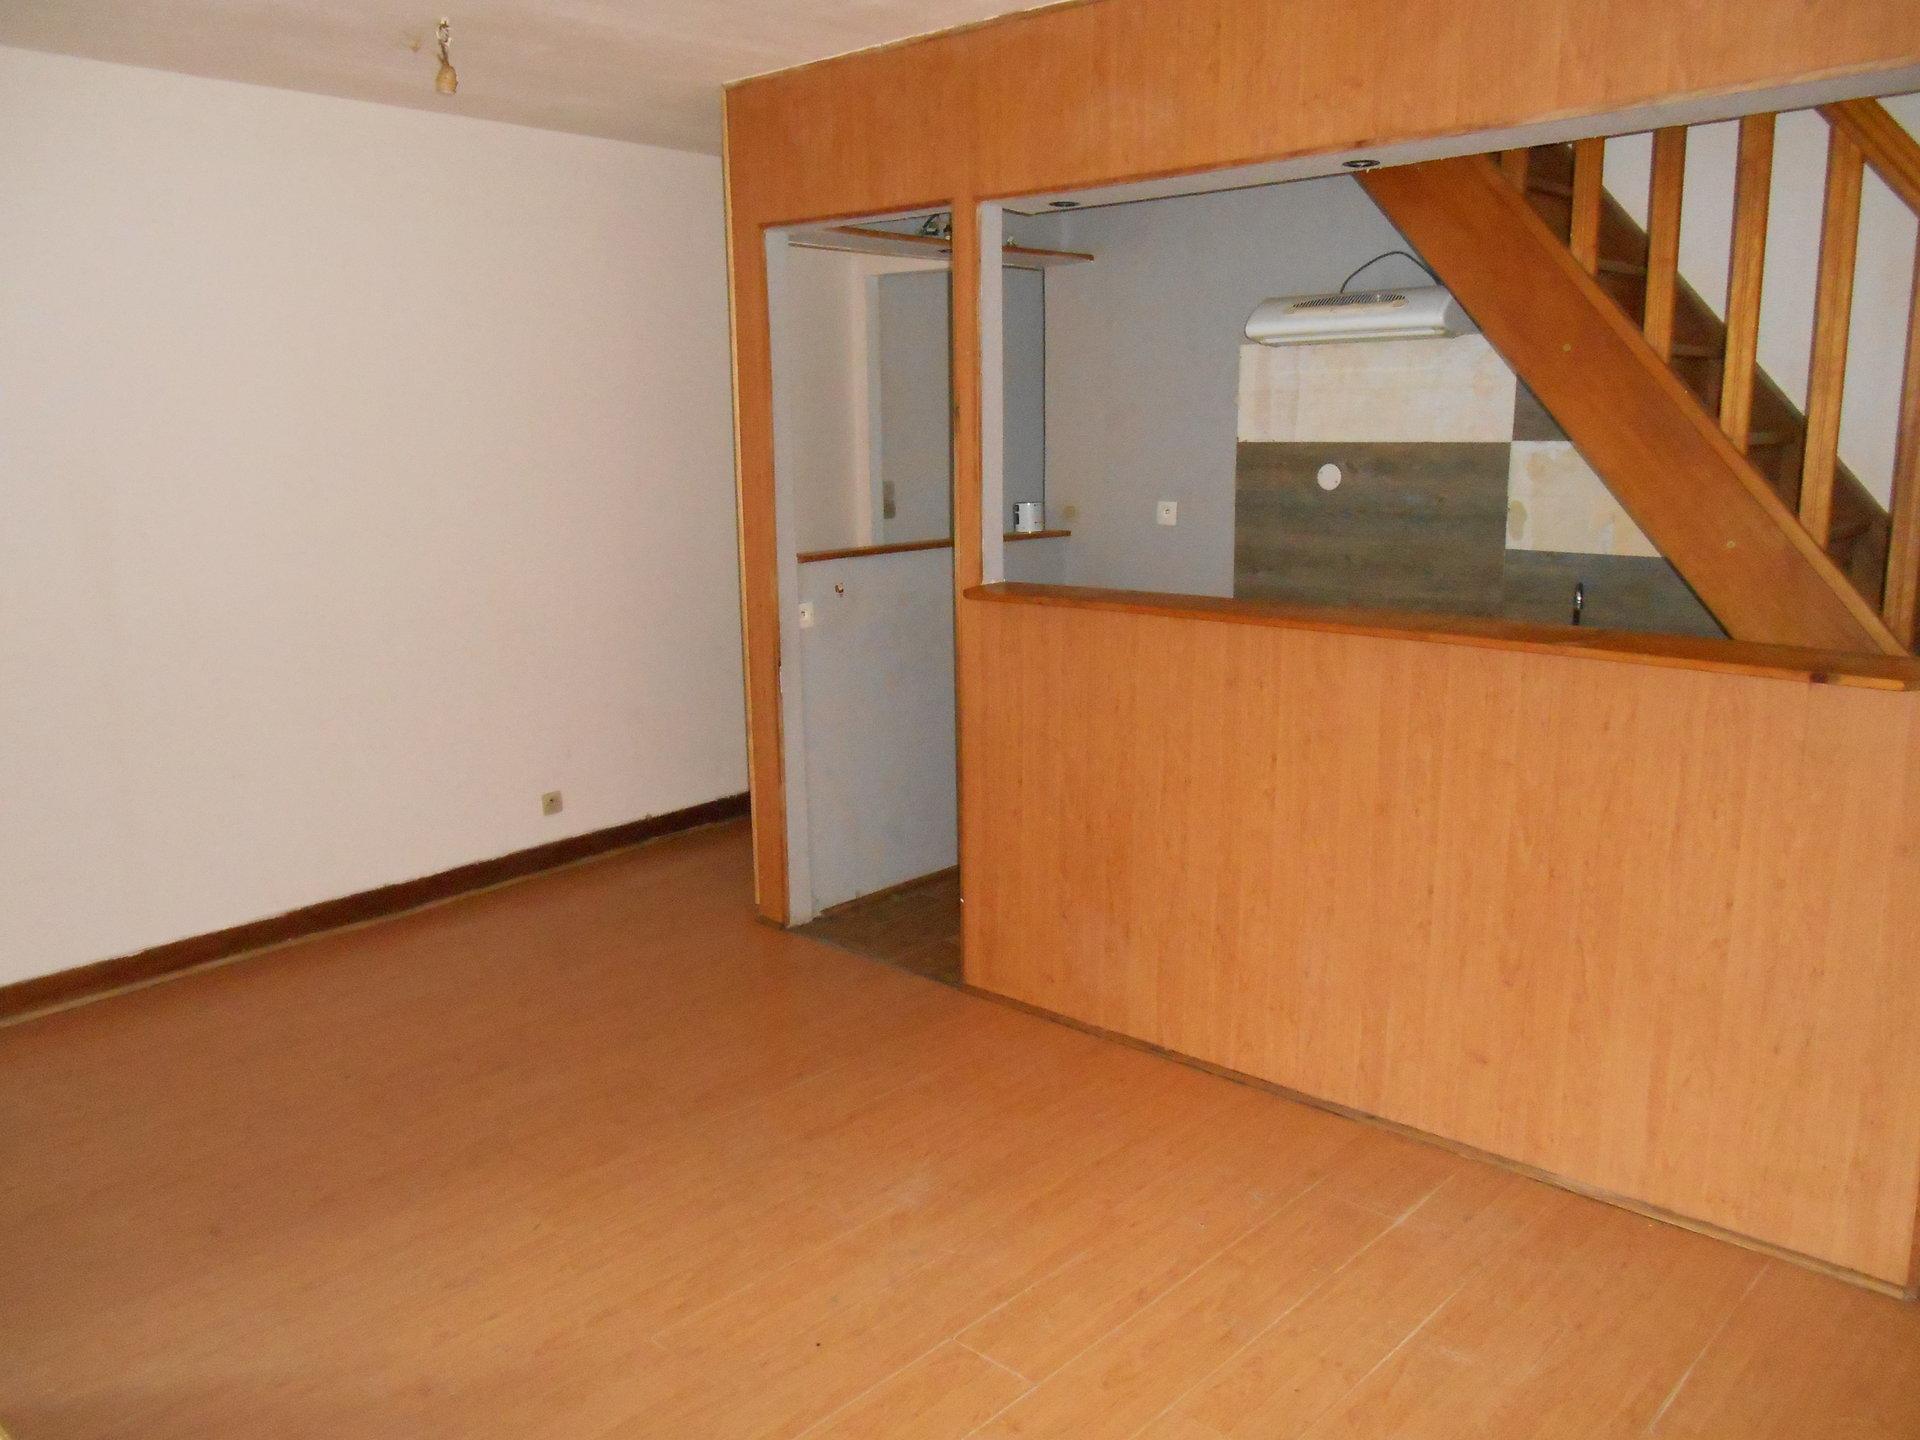 Ensemble immobilier - Proche Centre-ville